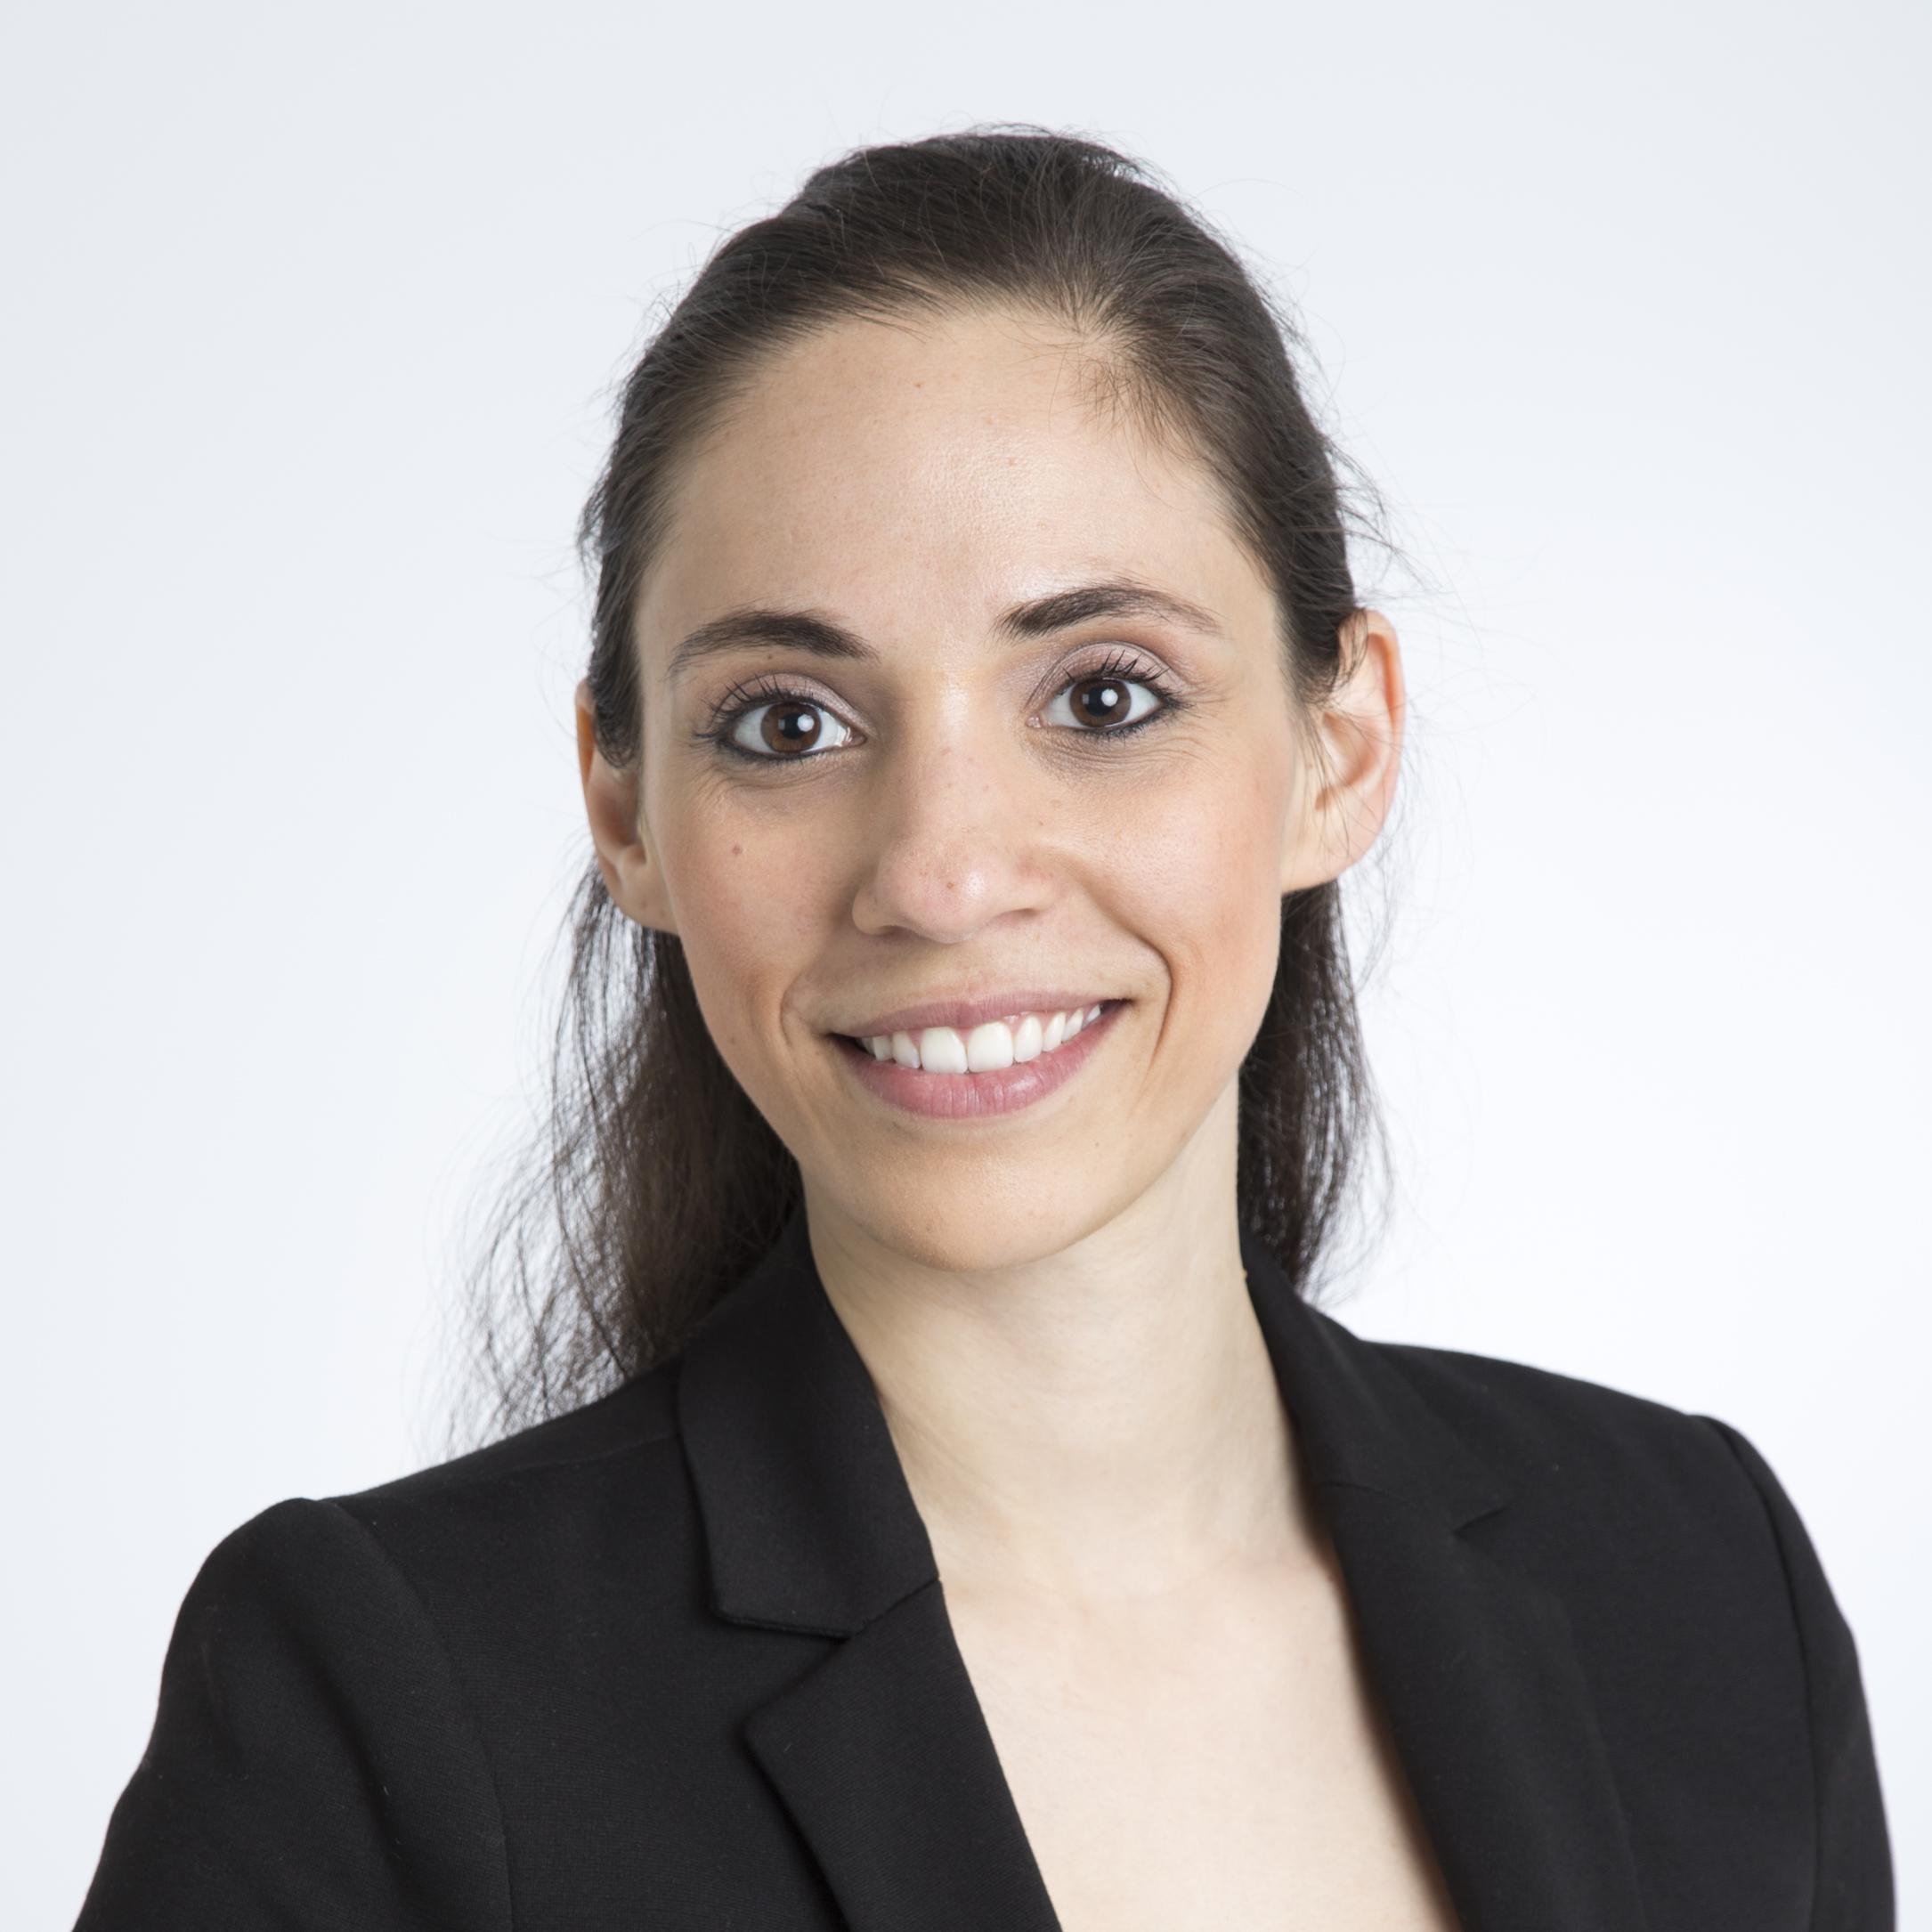 Michelle Solino